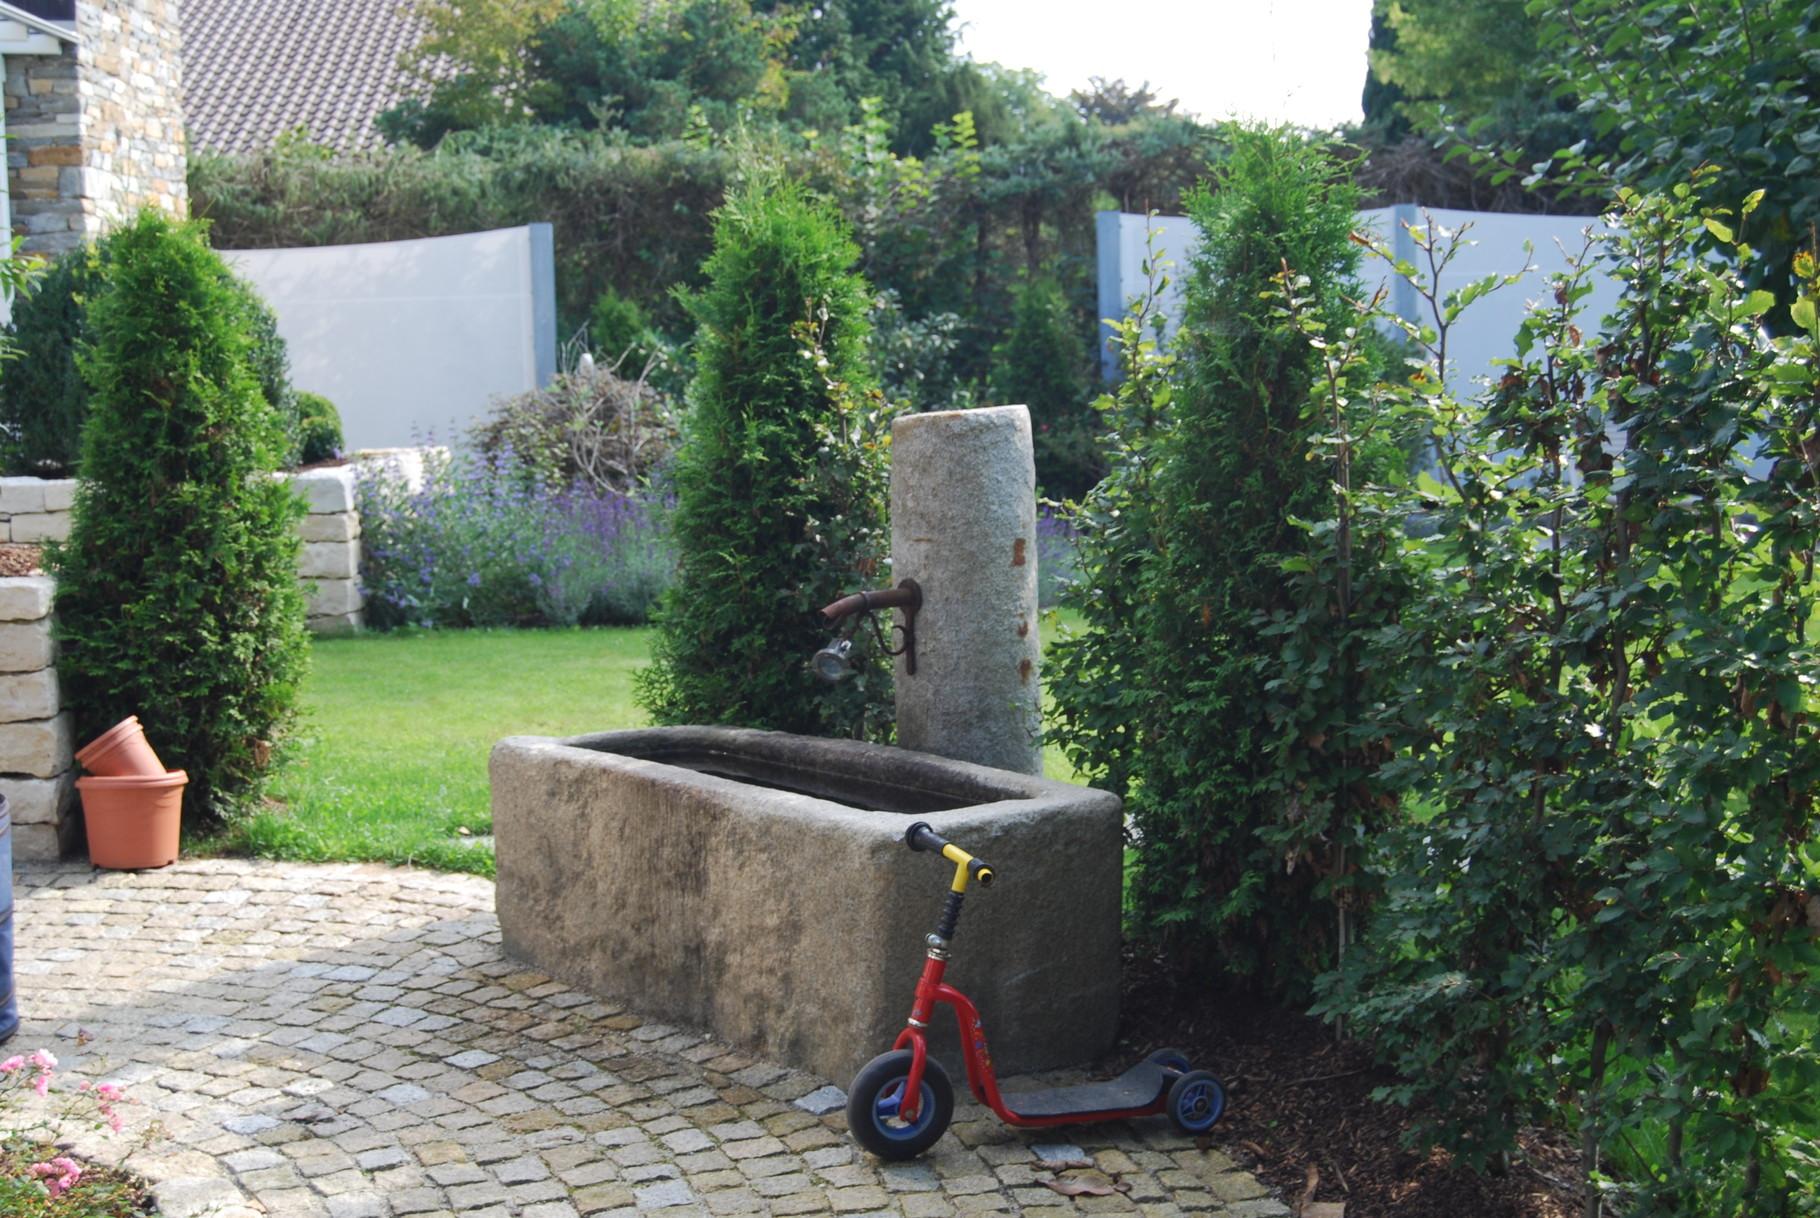 Von dobsch tz gmbh gartengestaltung for Gartengestaltung app